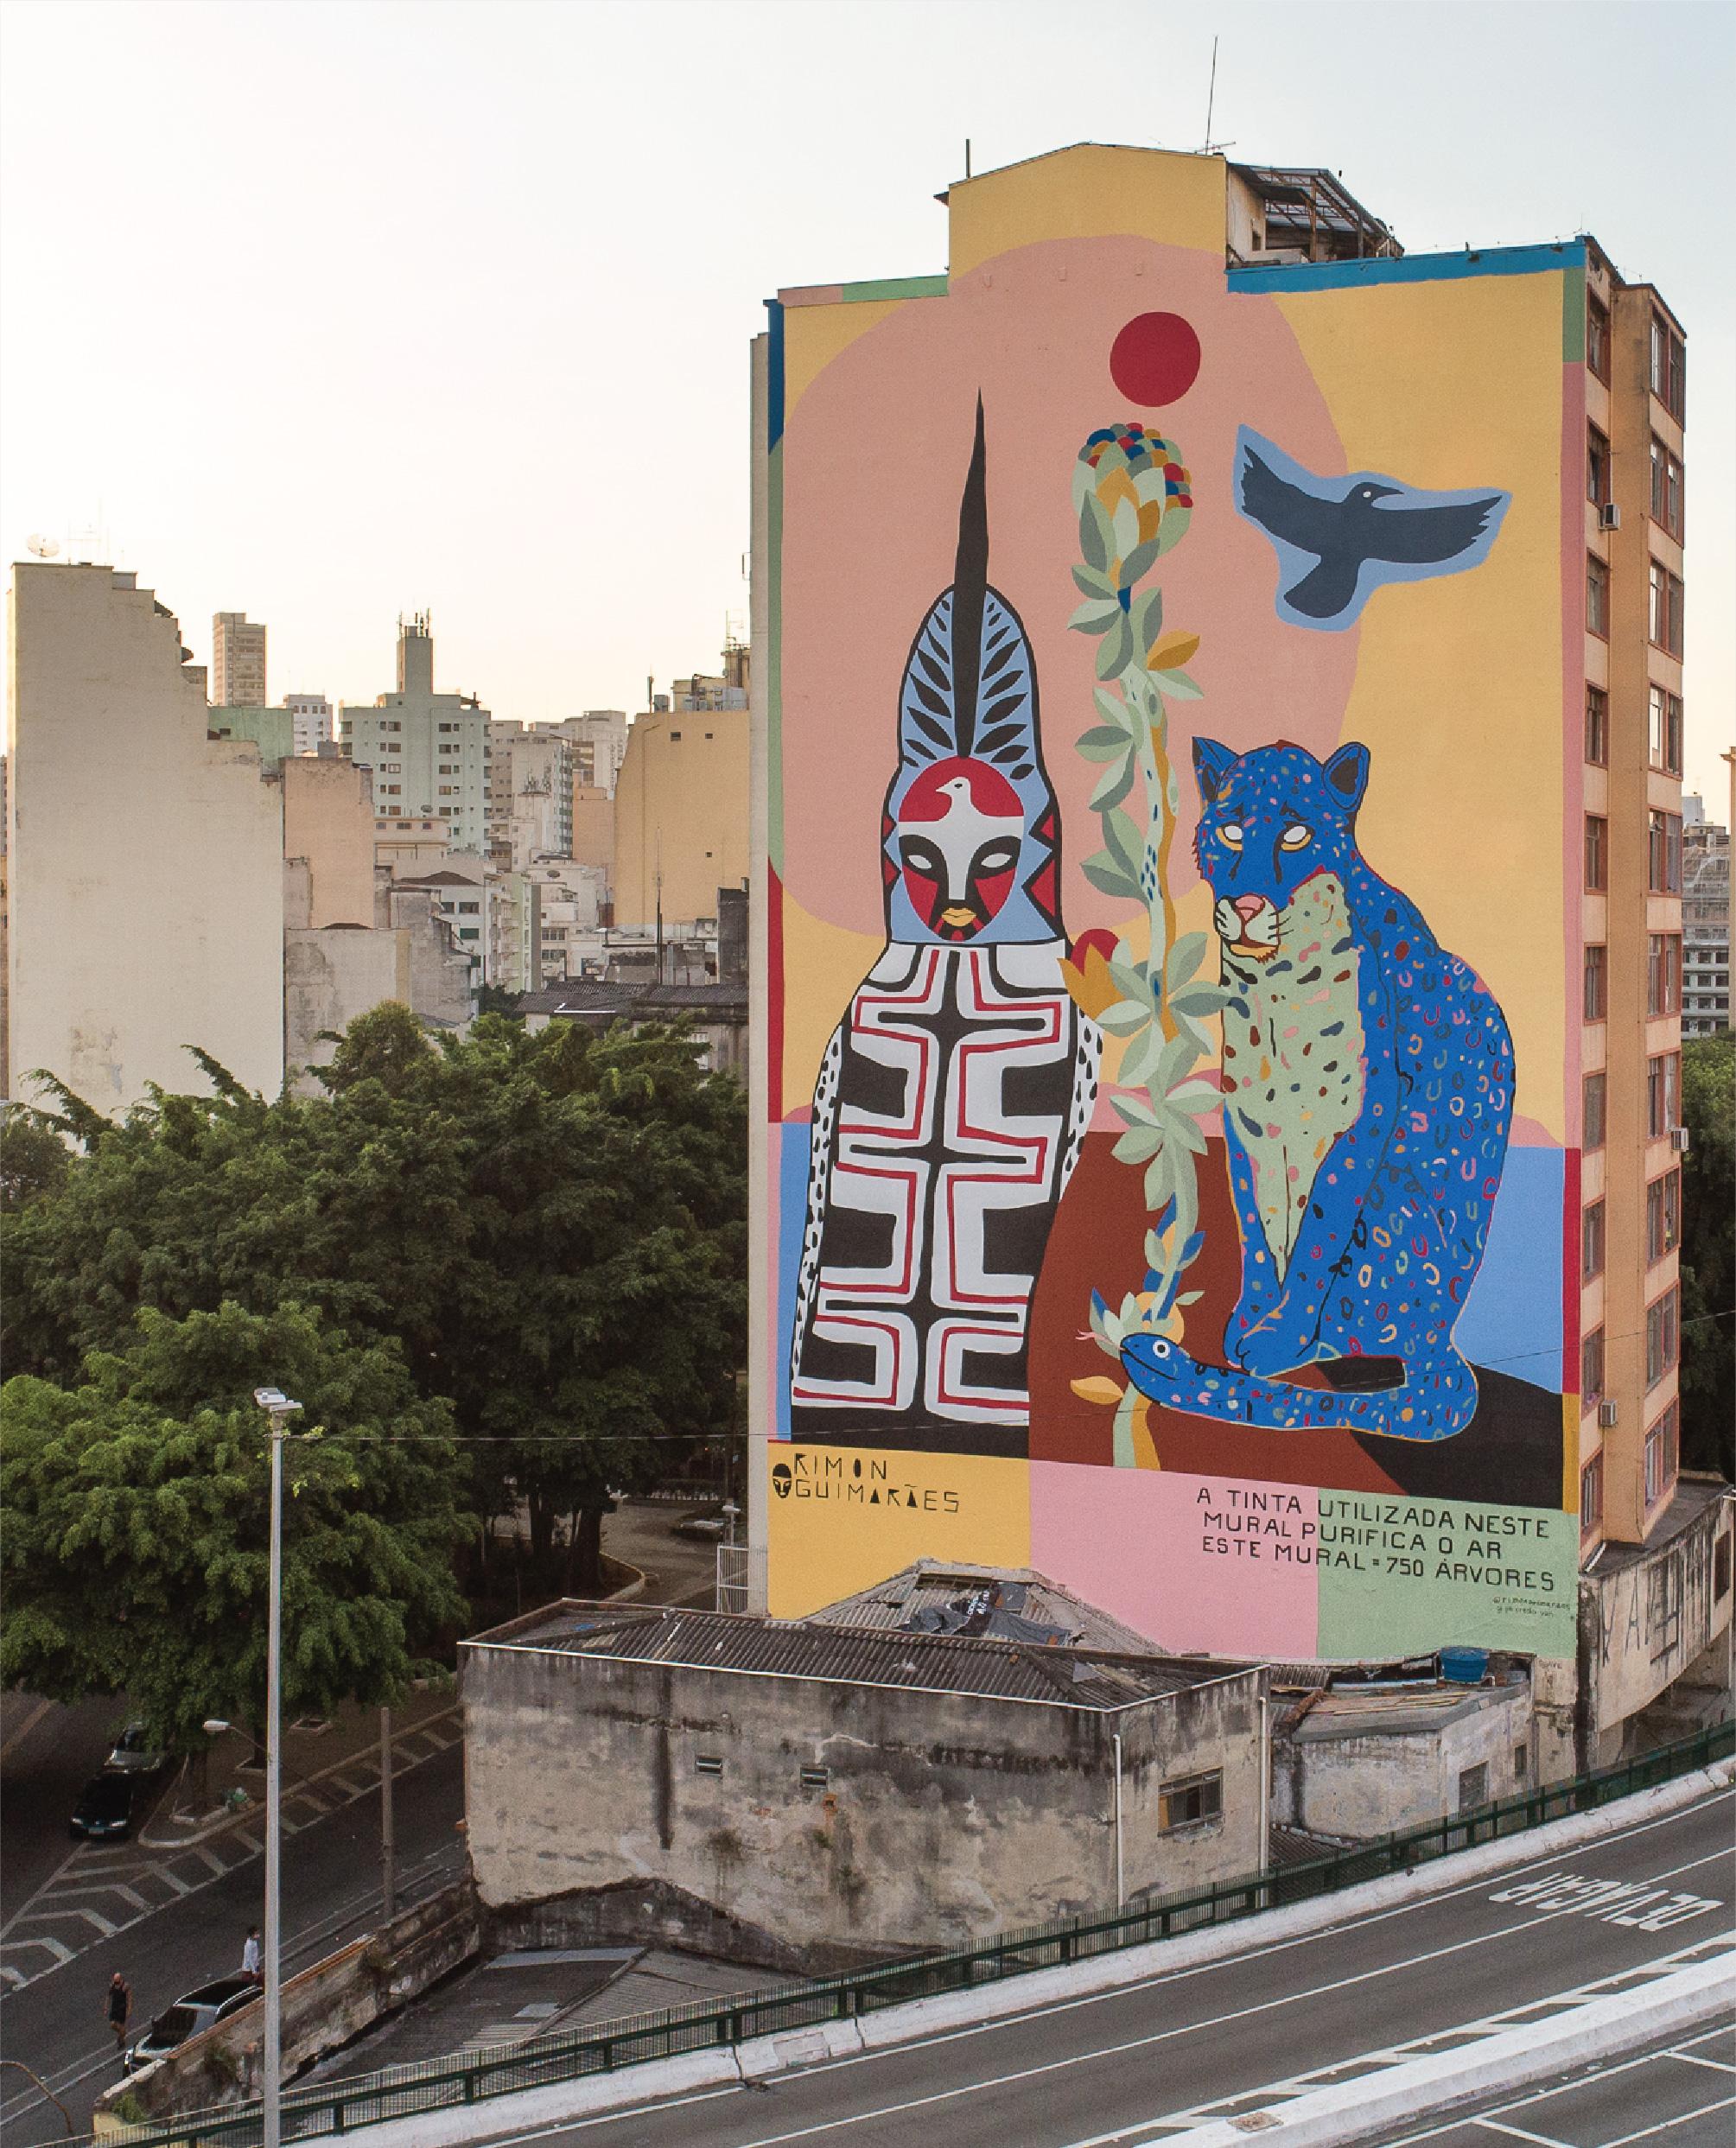 Sao Paulo artwork image